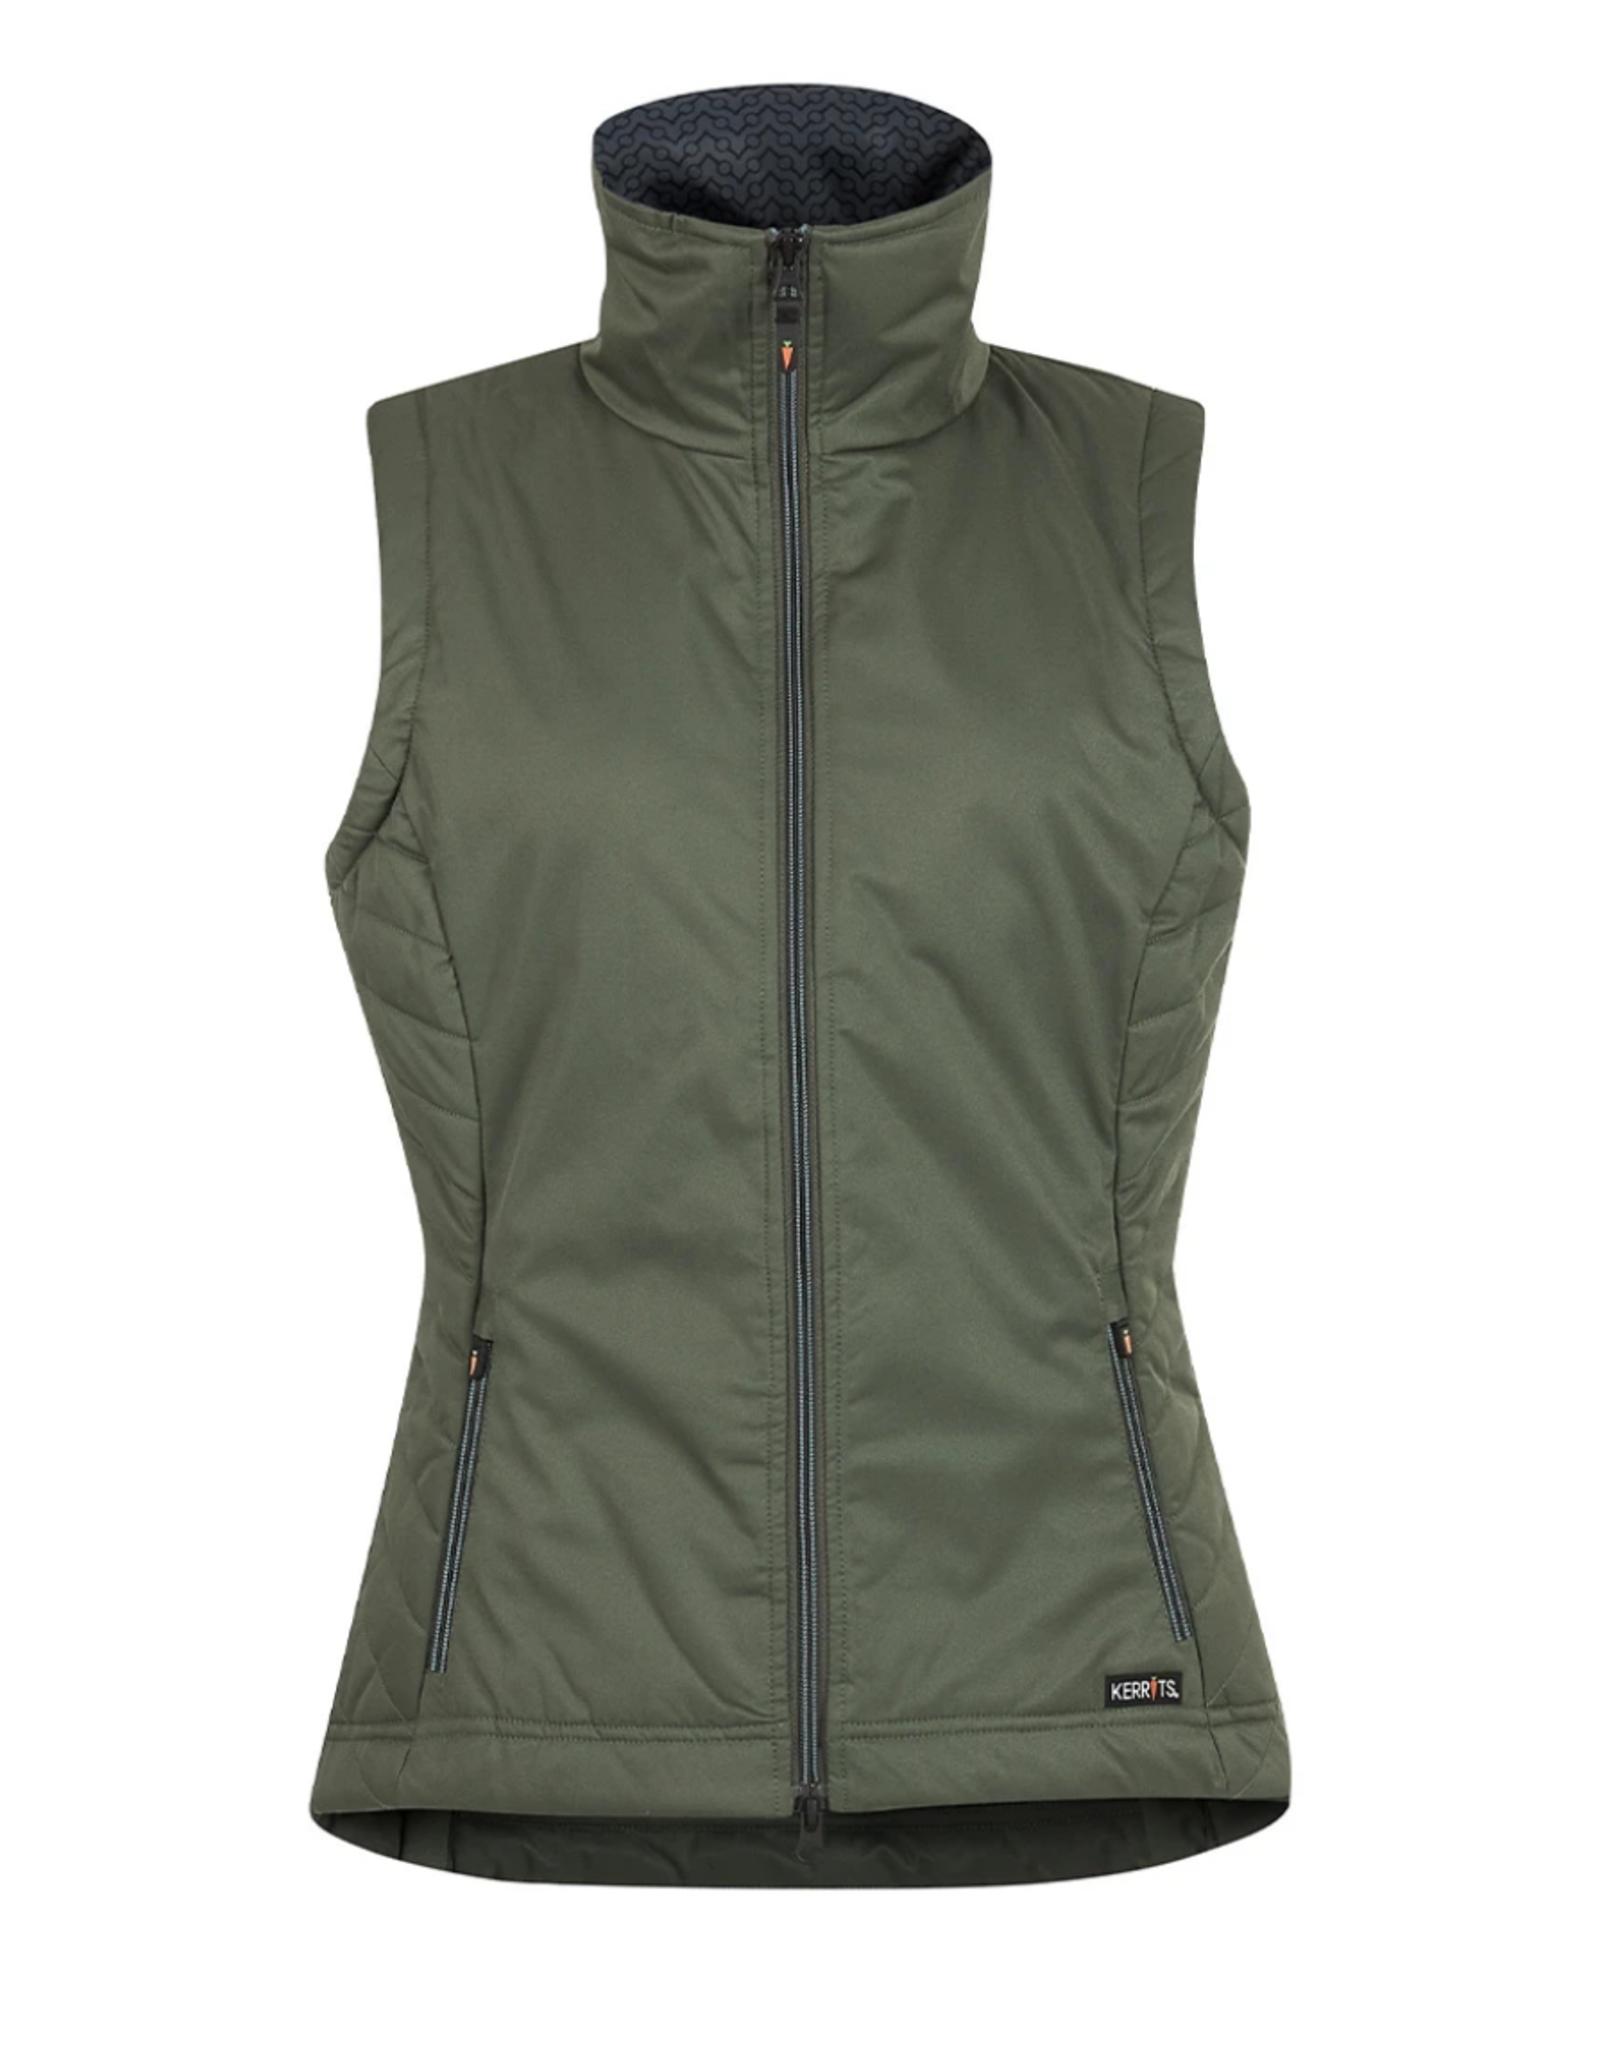 Kerrits Ladies' Bit Of Puff Vest